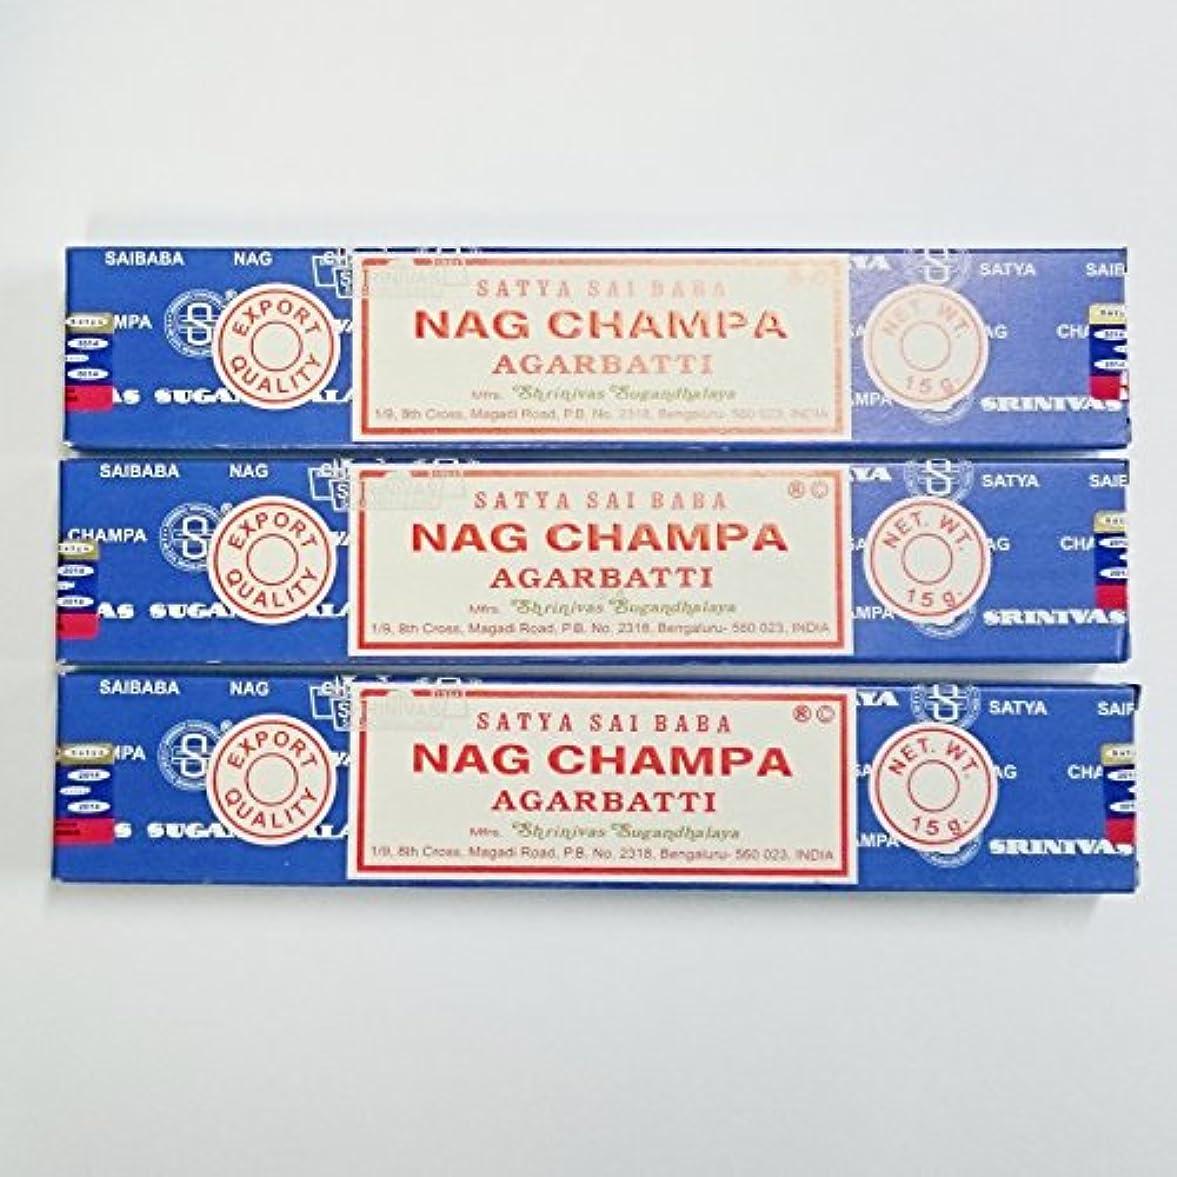 アコー贅沢不和HEM社の7チャクラ&SATYA サイババナグチャンパ香 3箱セット